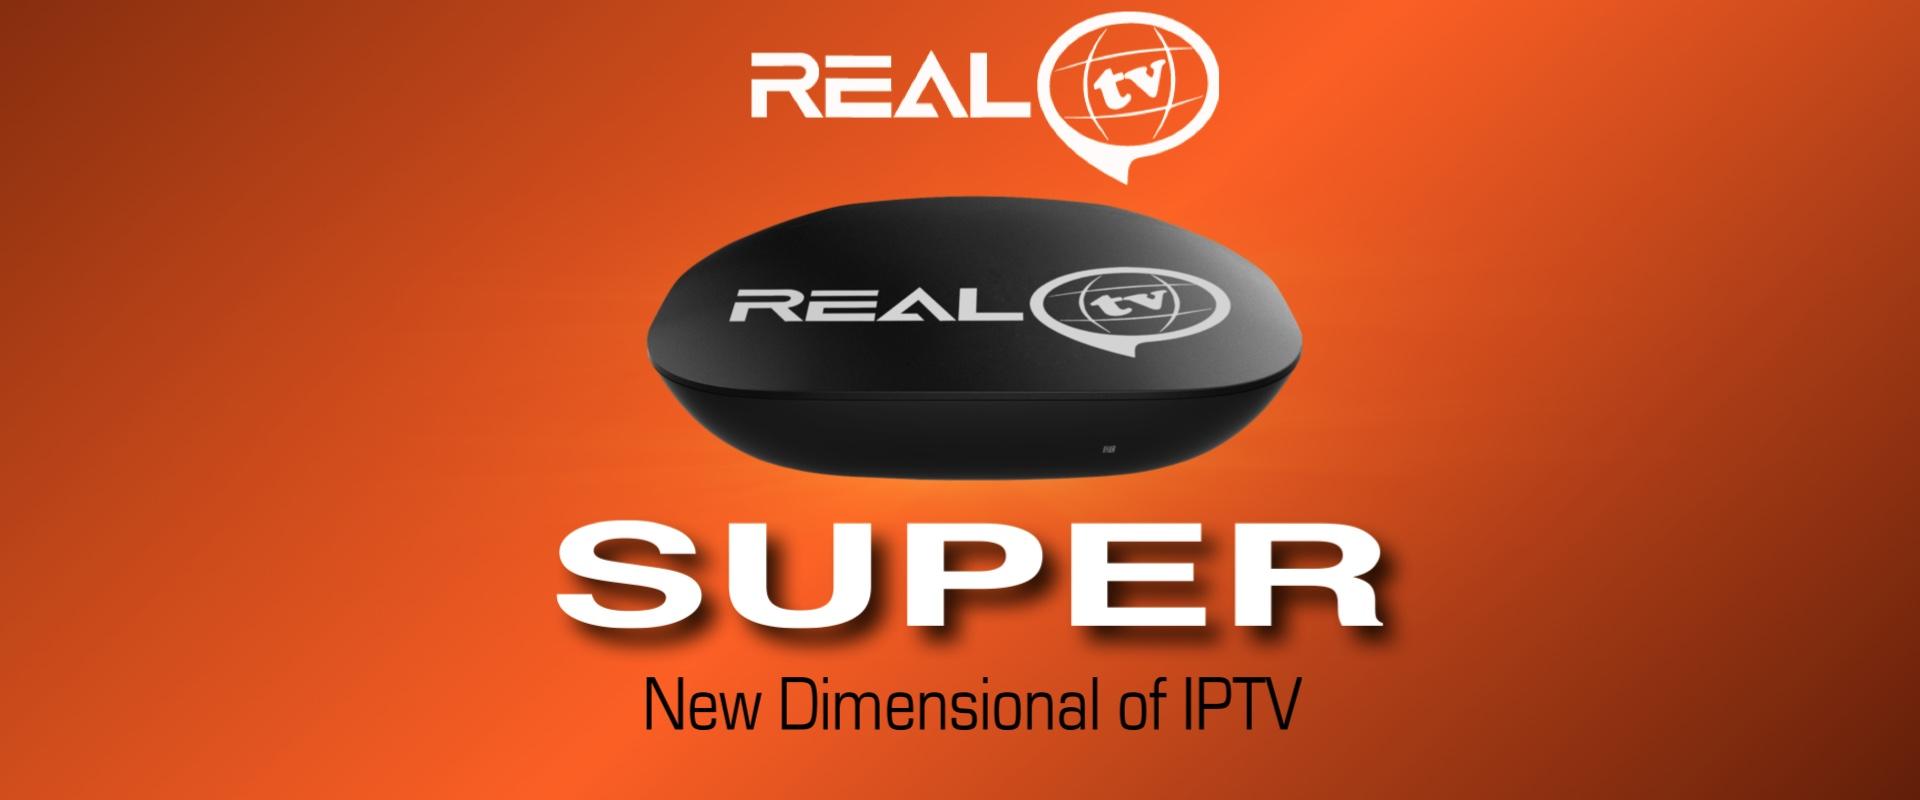 realtv-super-banner